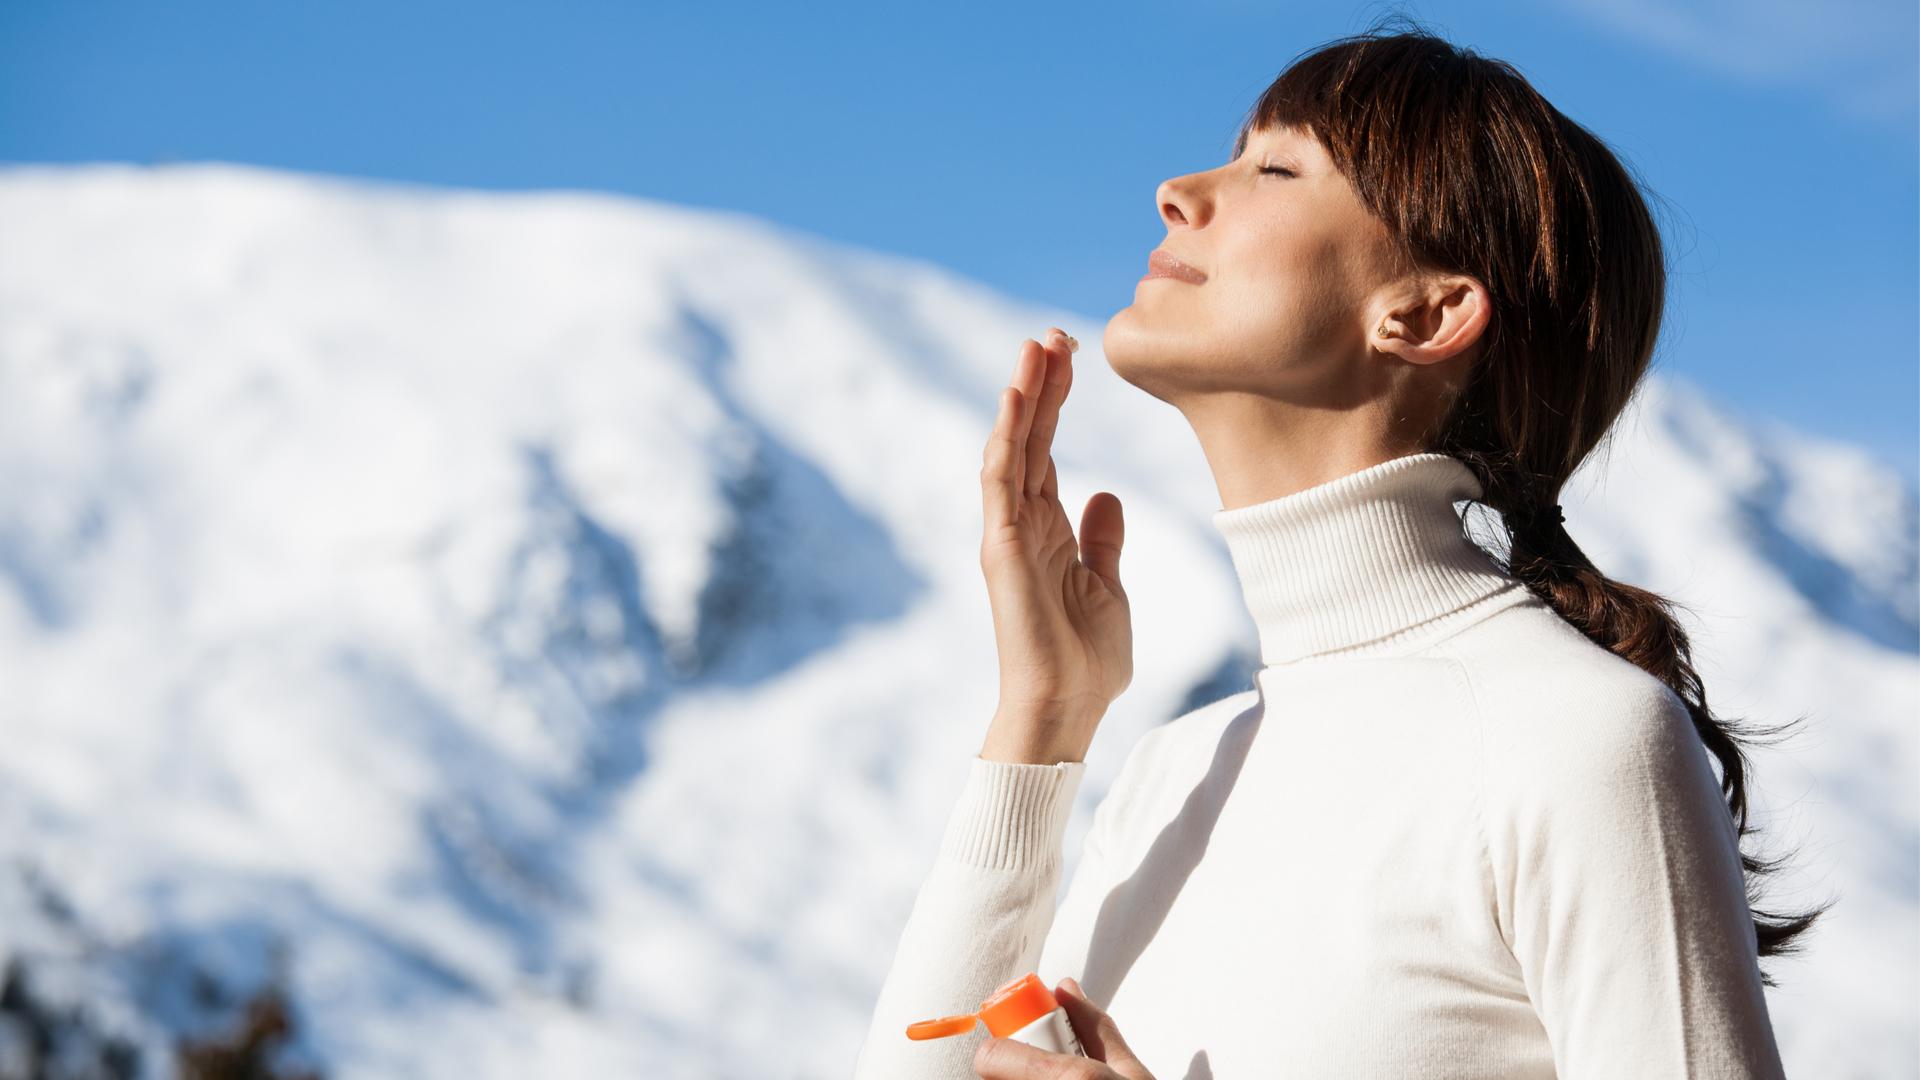 Proteggersi dal sole è sempre importante. Anche d'inverno.